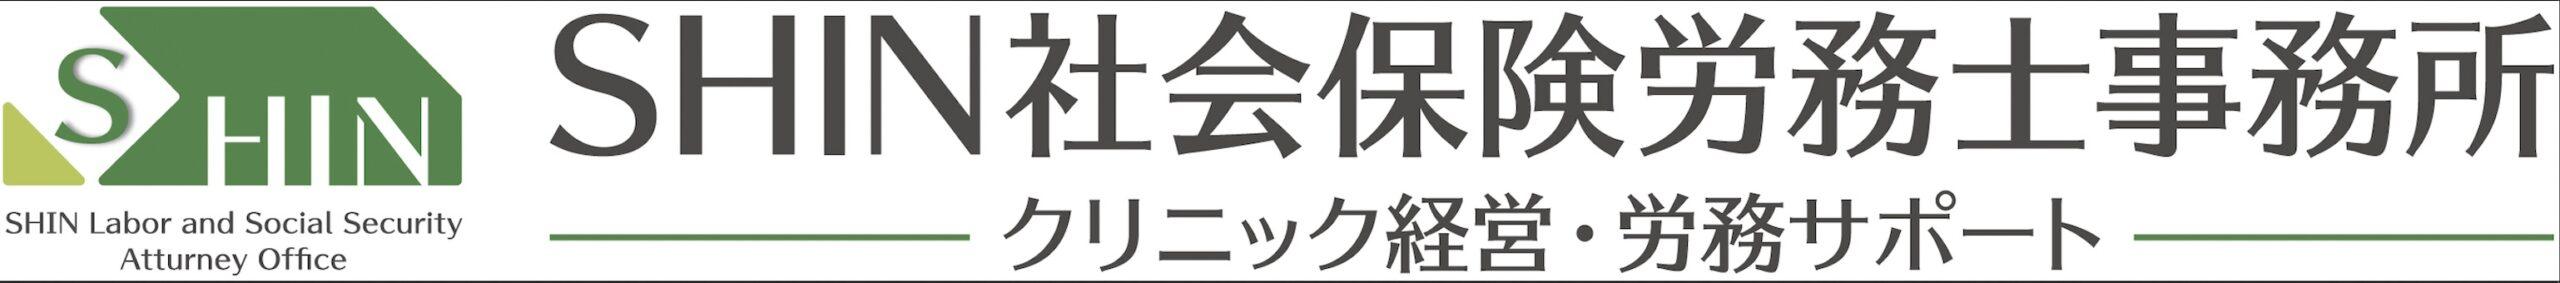 クリニックの労務・経営・開業サポート クリニック運営参謀           SHIN社会保険労務士事務所